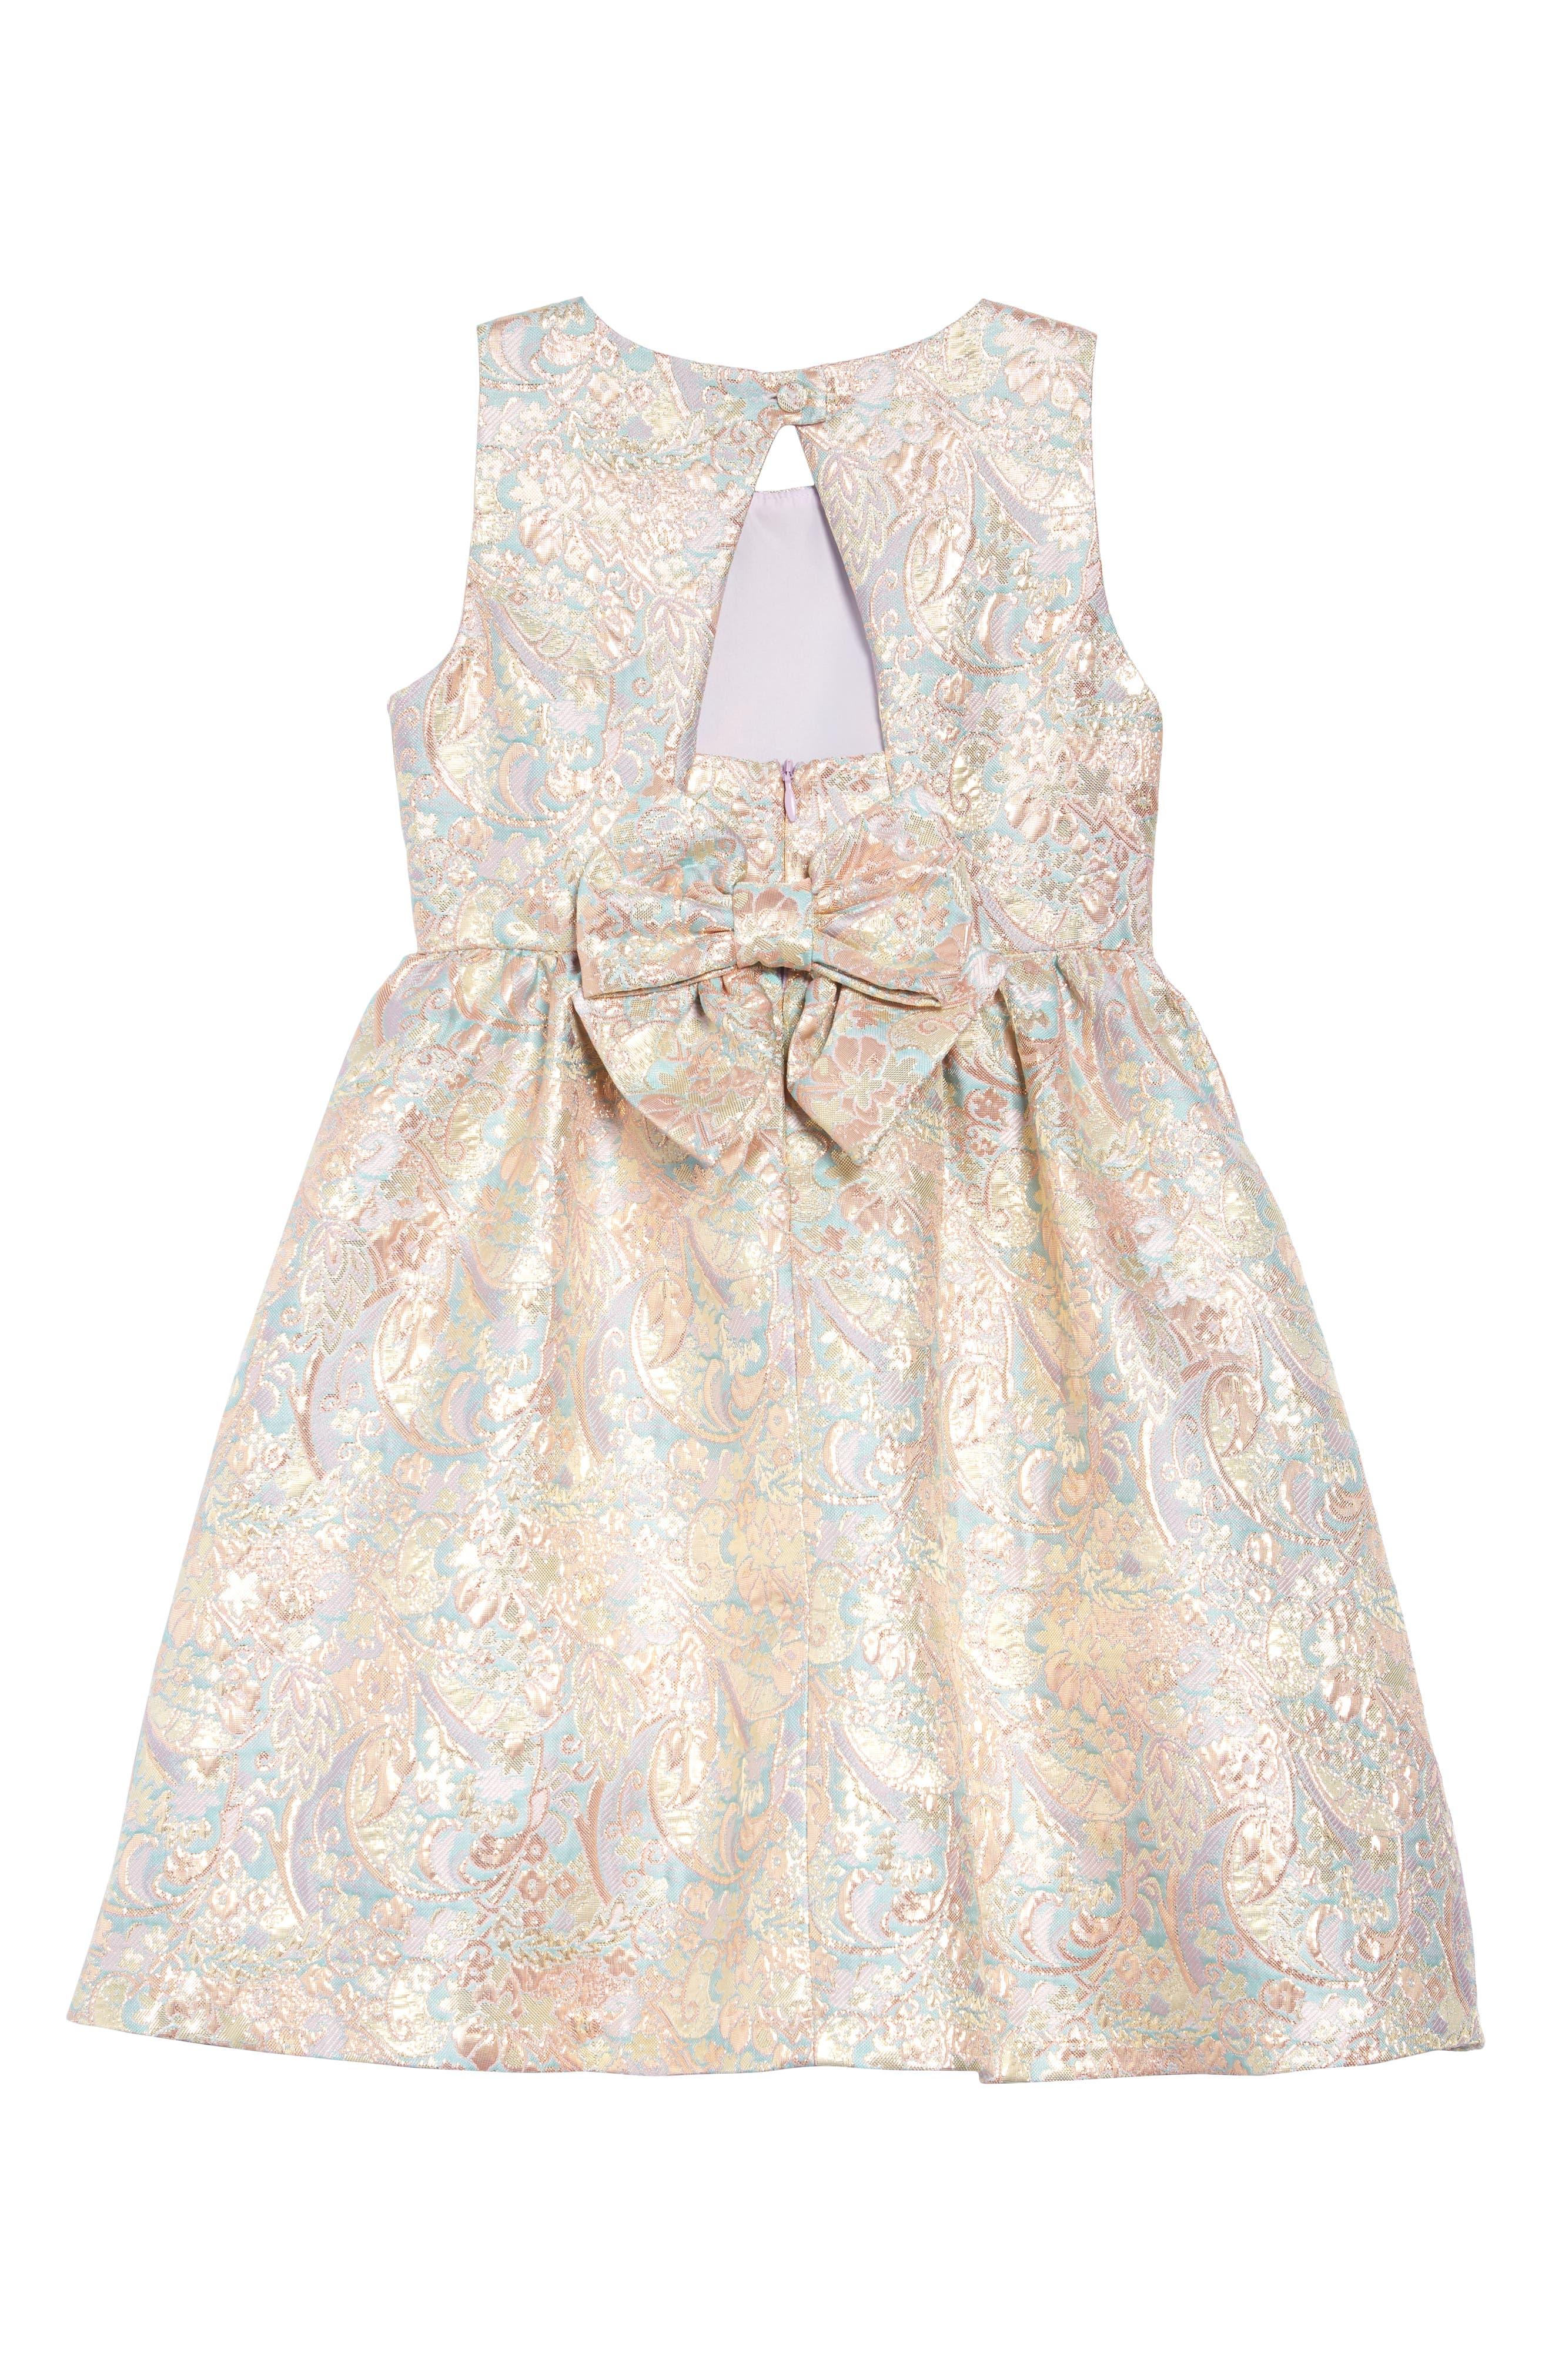 IRIS & IVY, Paisley Jacquard Bow Back Dress, Alternate thumbnail 2, color, BLUSH